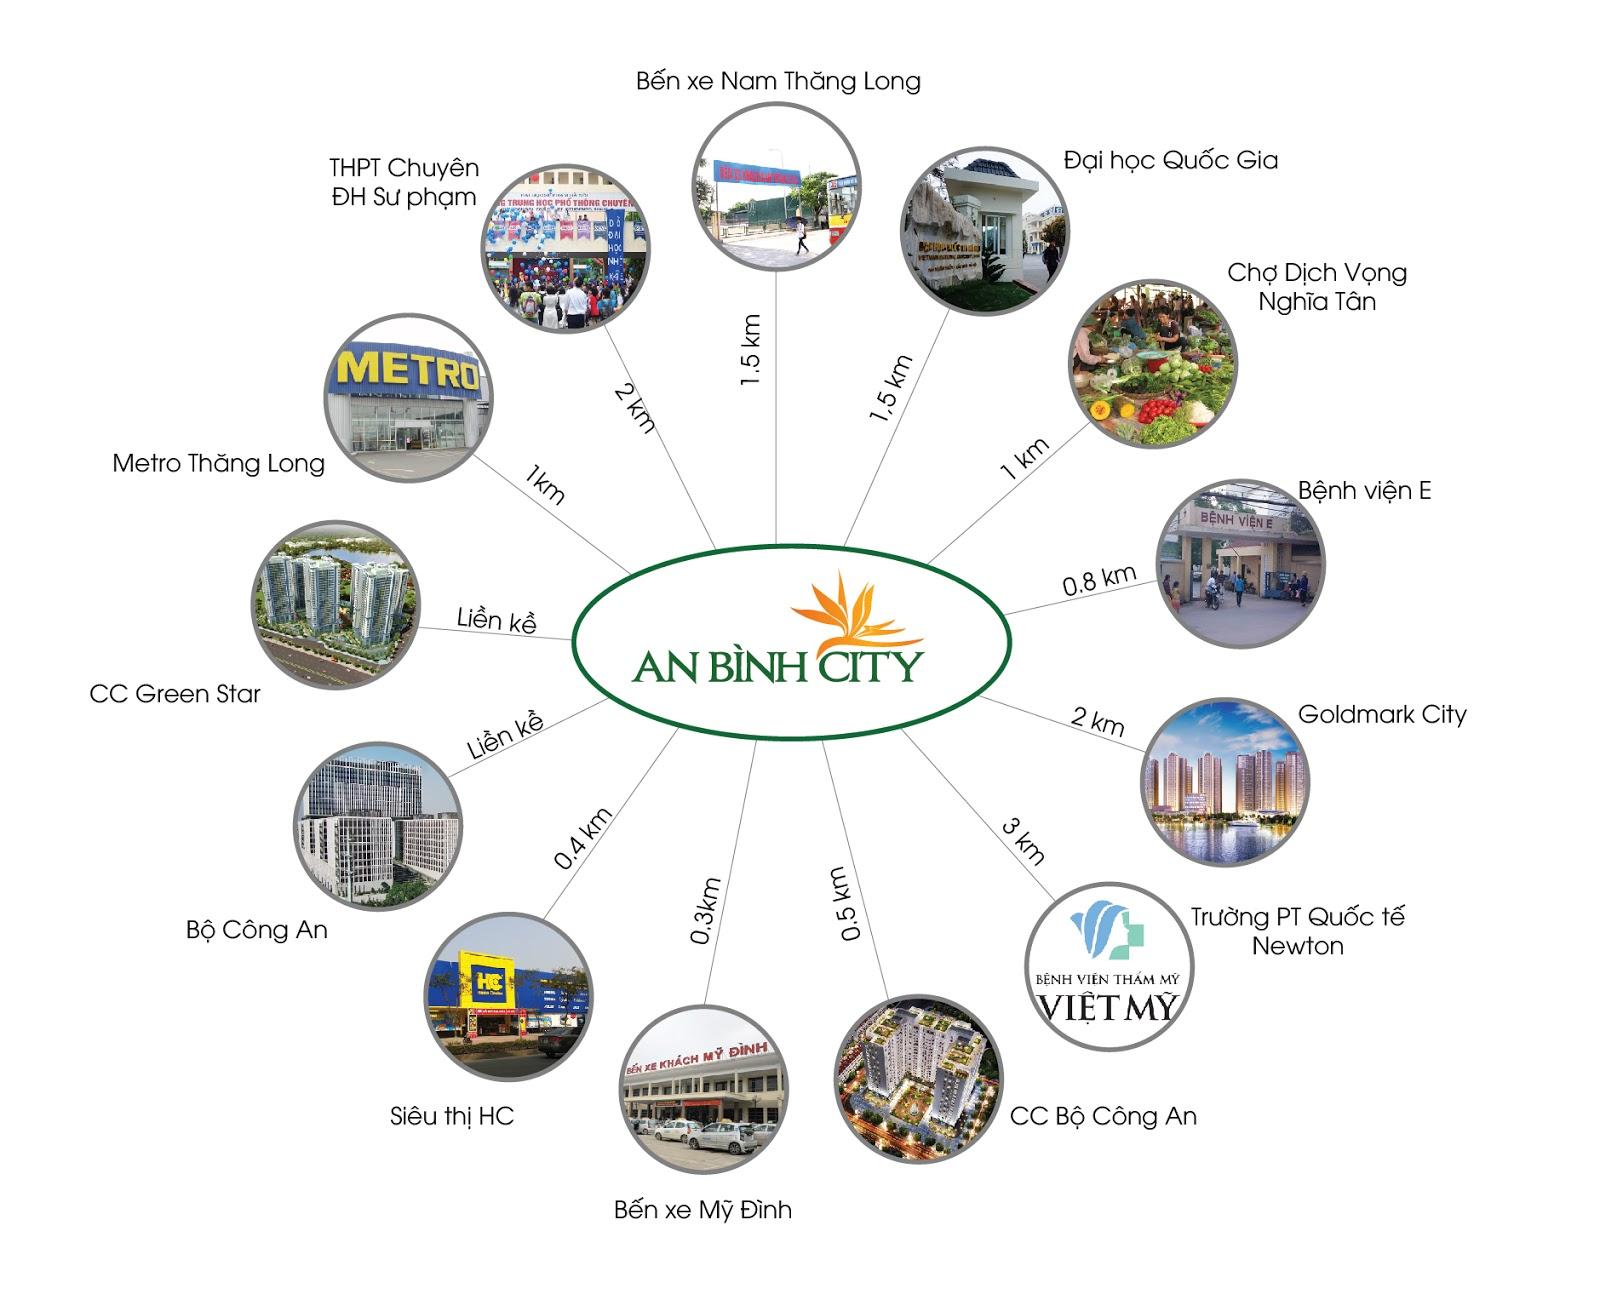 Tiện ích vị trí đắc địa tại dự án chung cư An Bình City